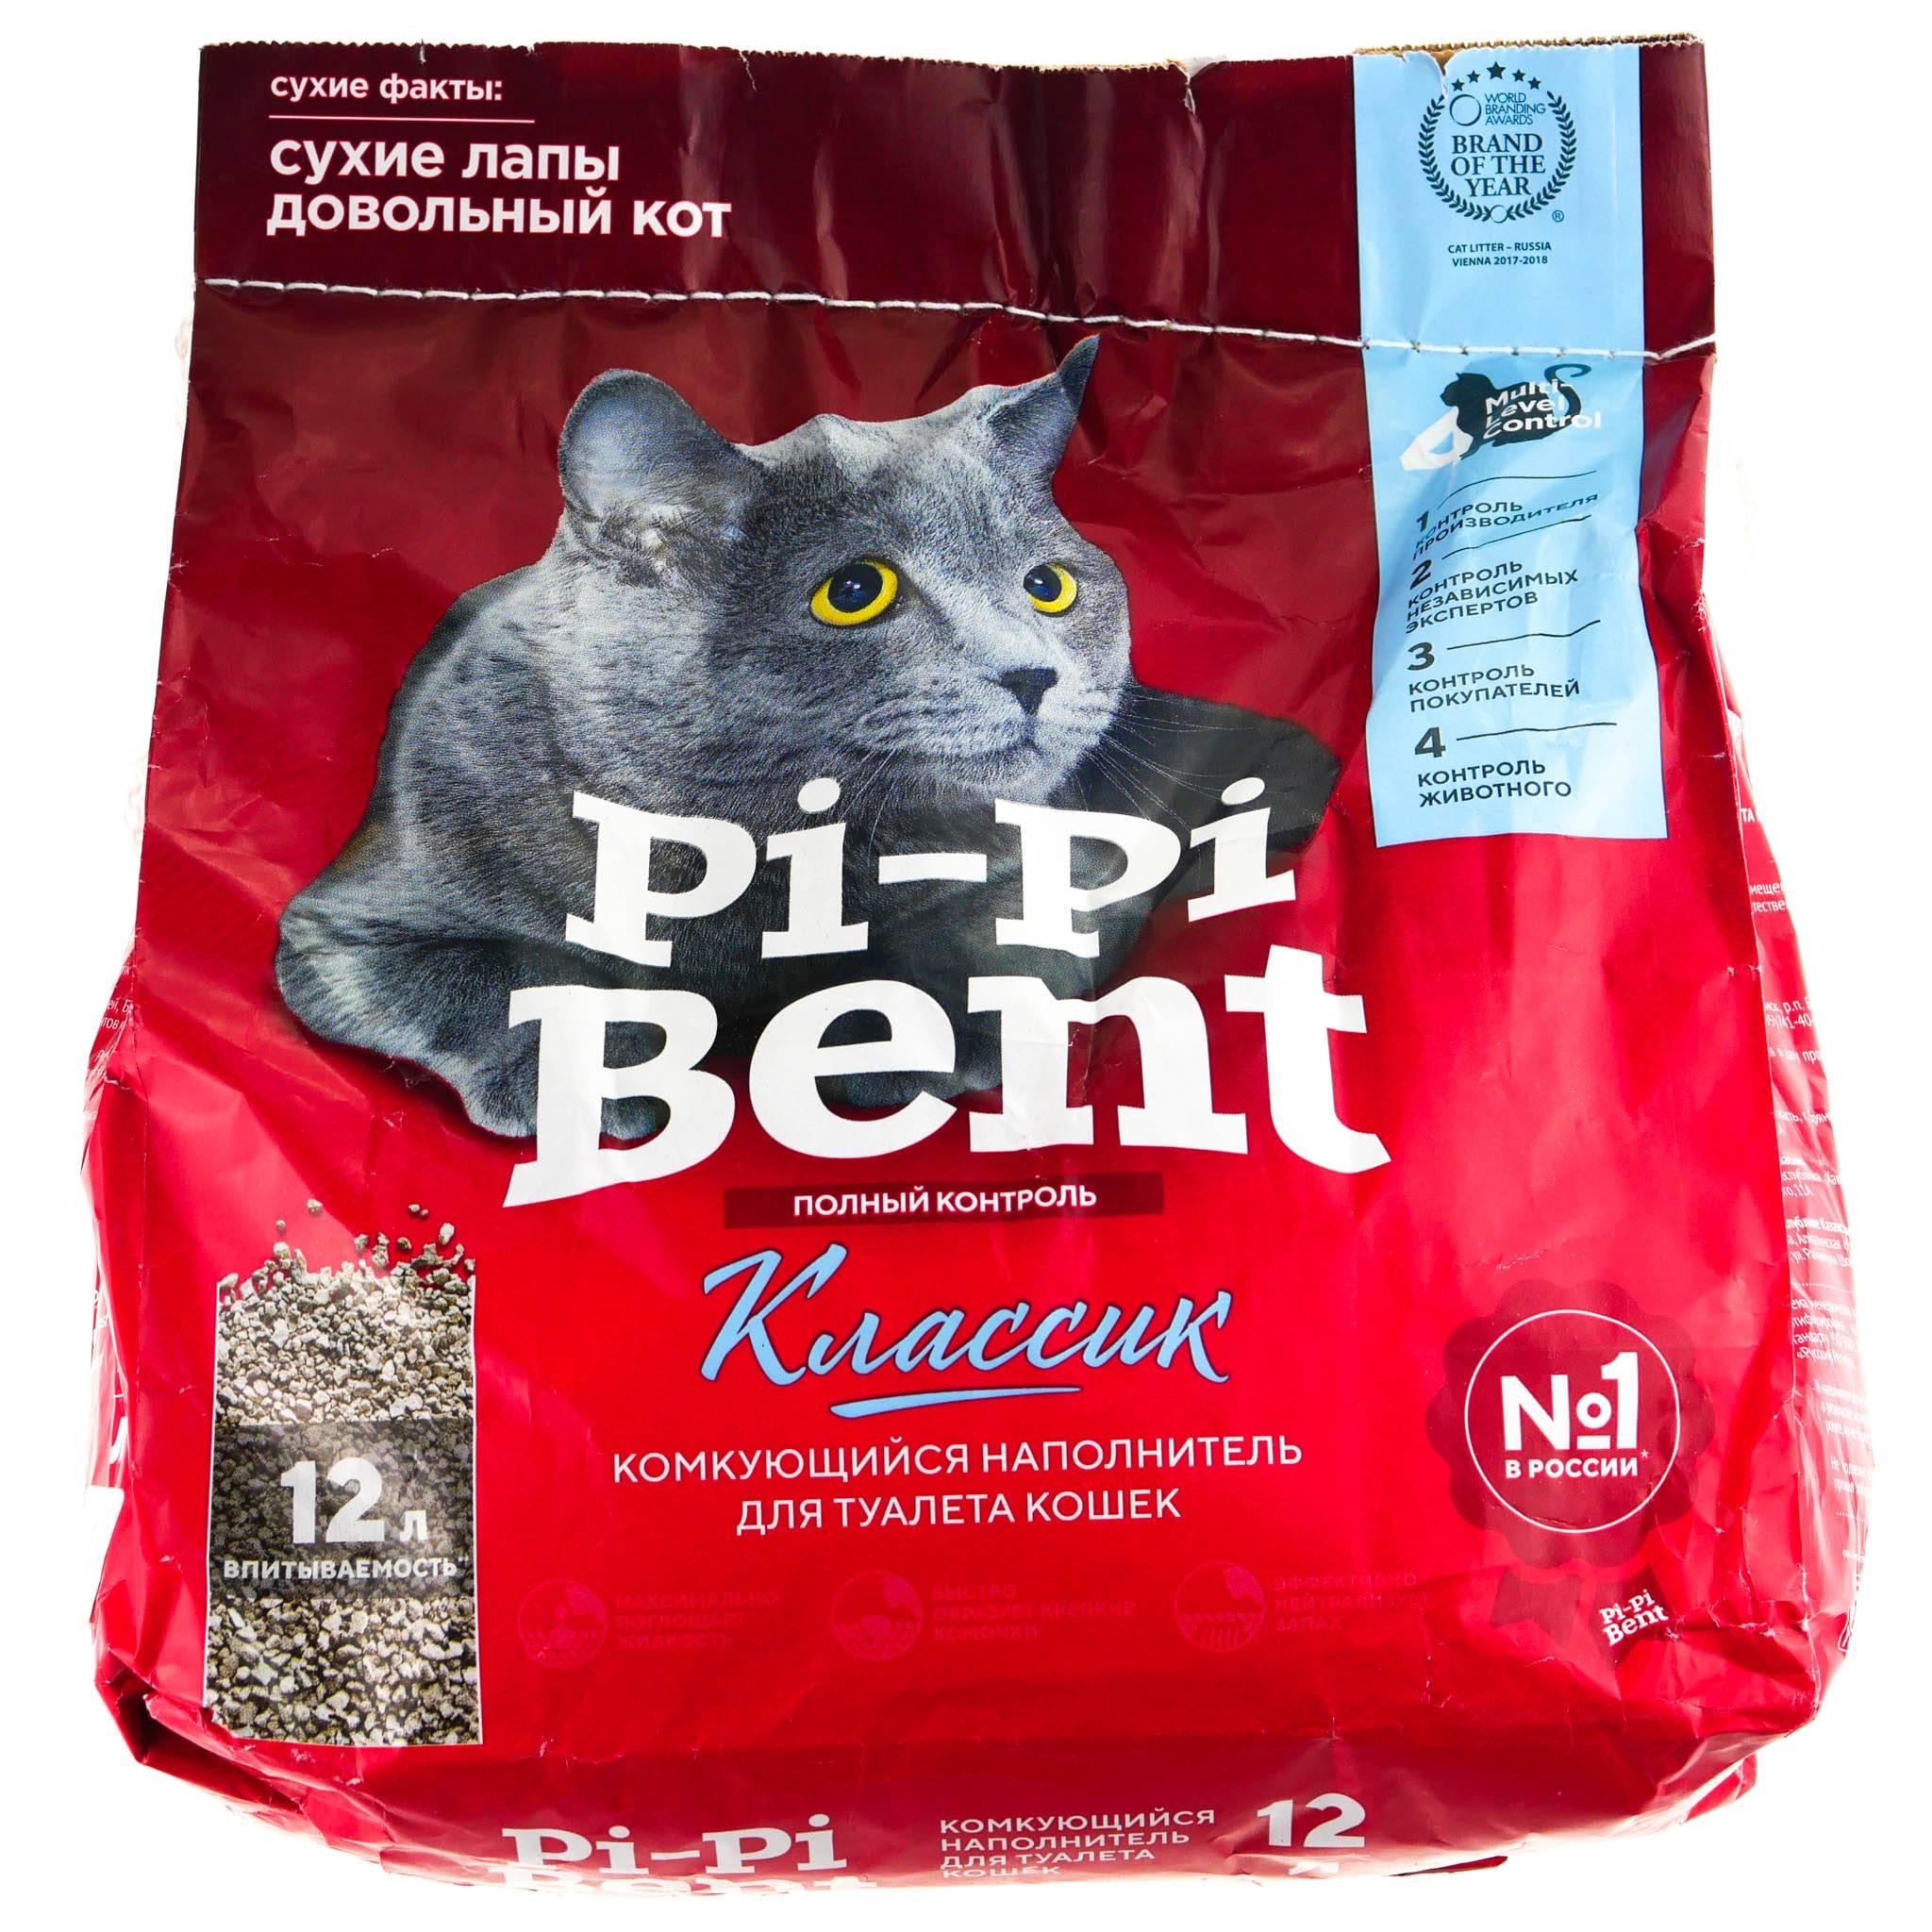 Наполнитель для котят: какой выбрать, что лучше засыпать в кошачий туалет?